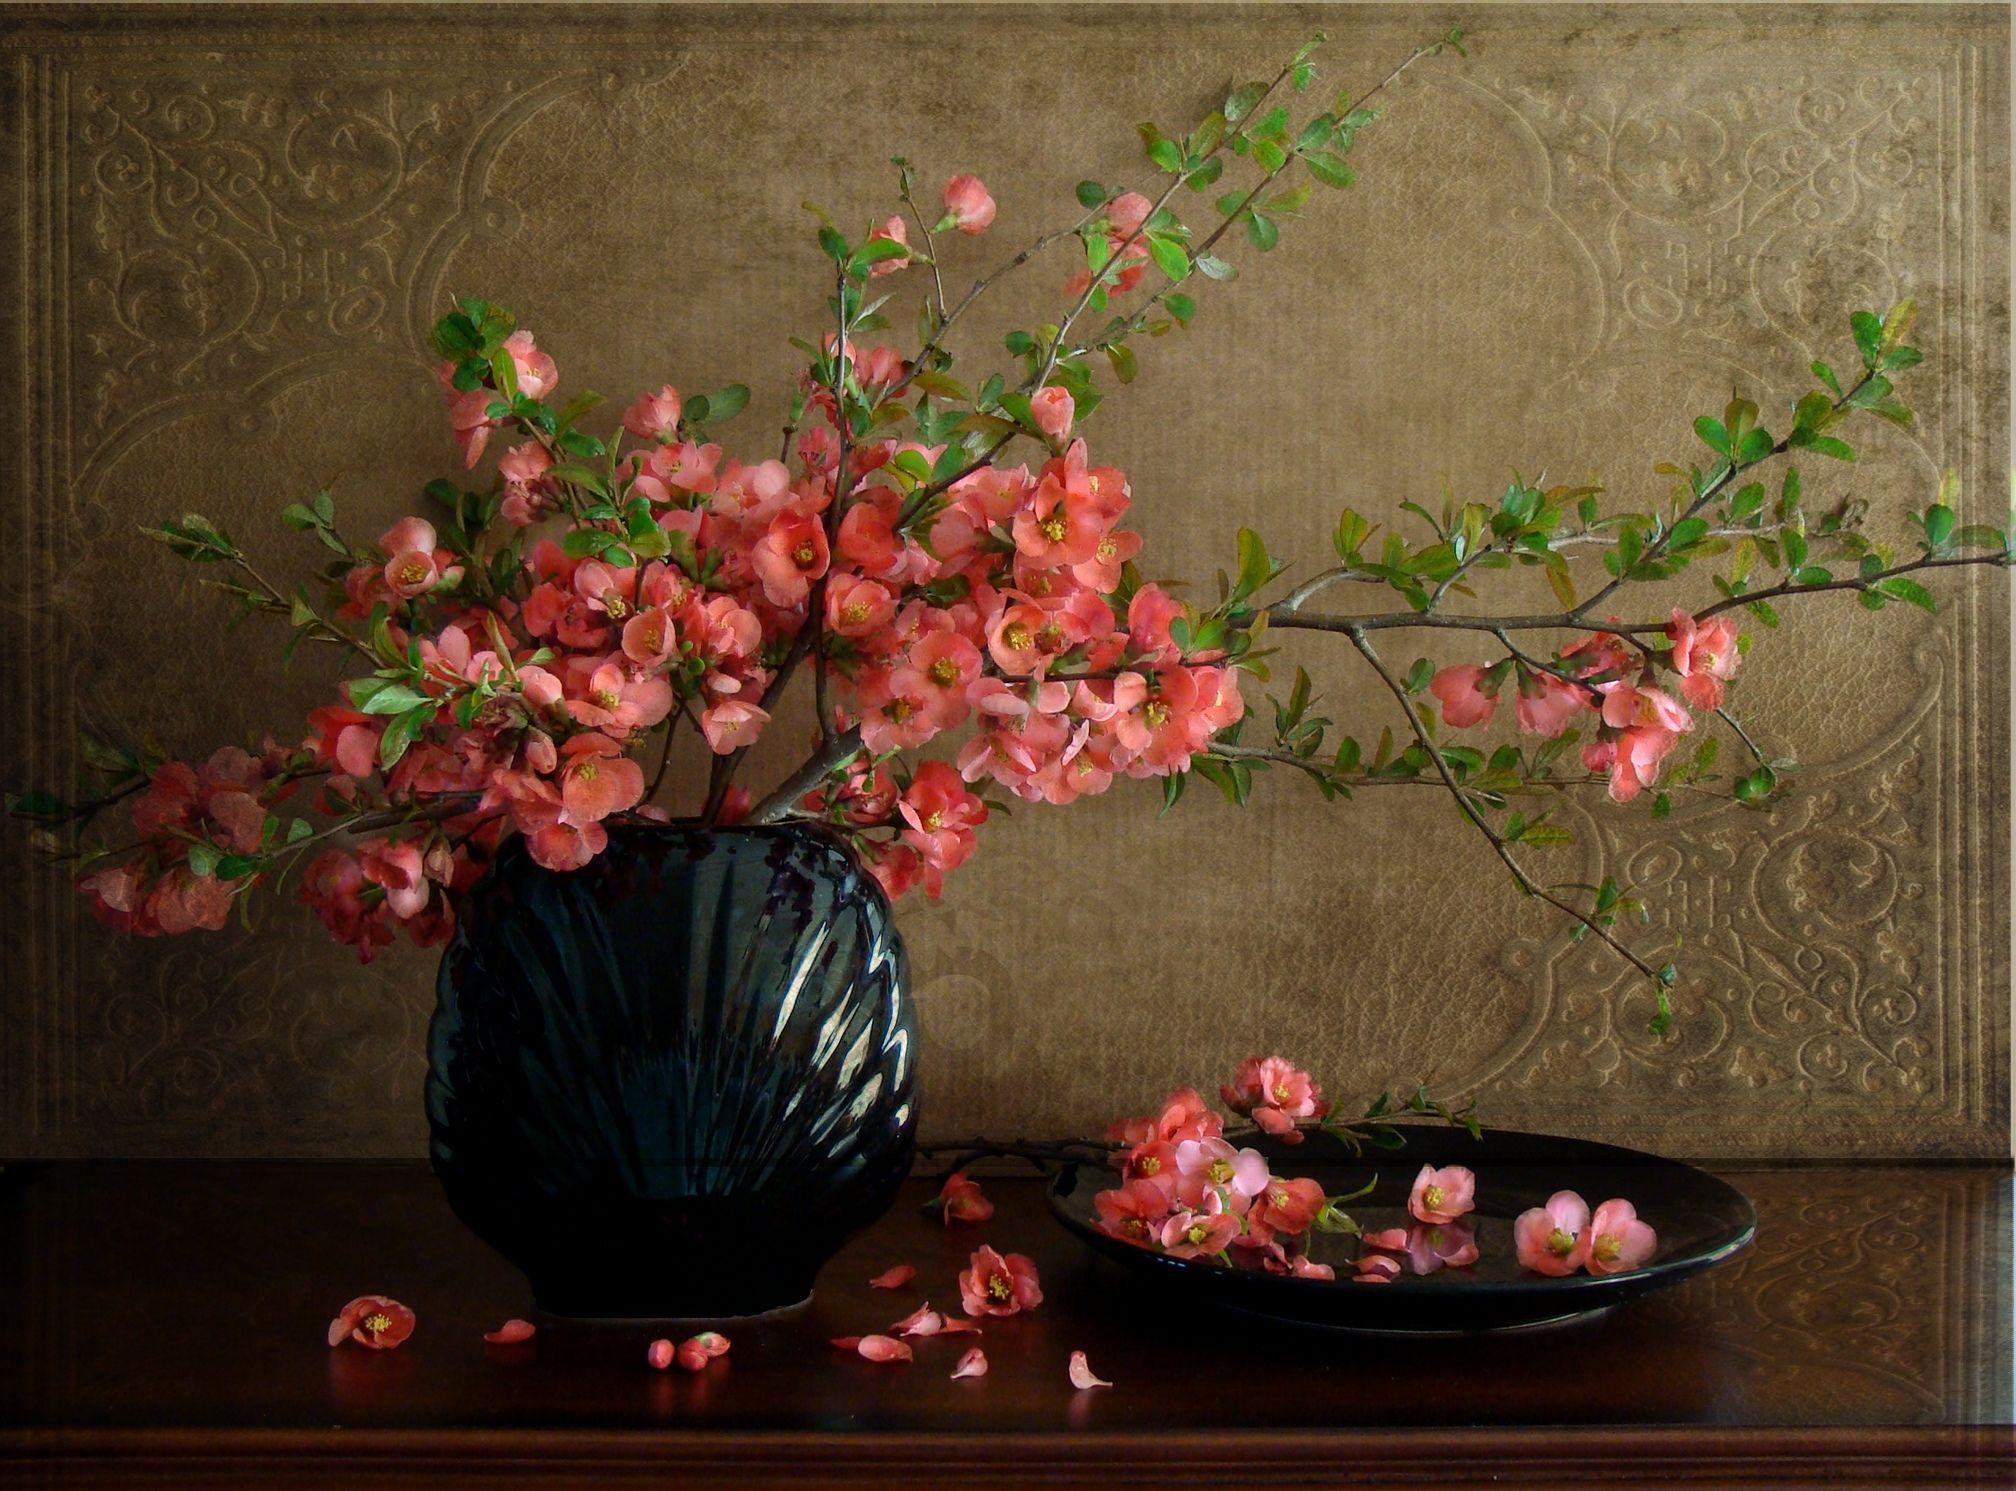 Hd Still Life Wallpaper Download Free 84844 Still Life Flowers Still Life Flower Art Fantastic flower vase wallpaper images